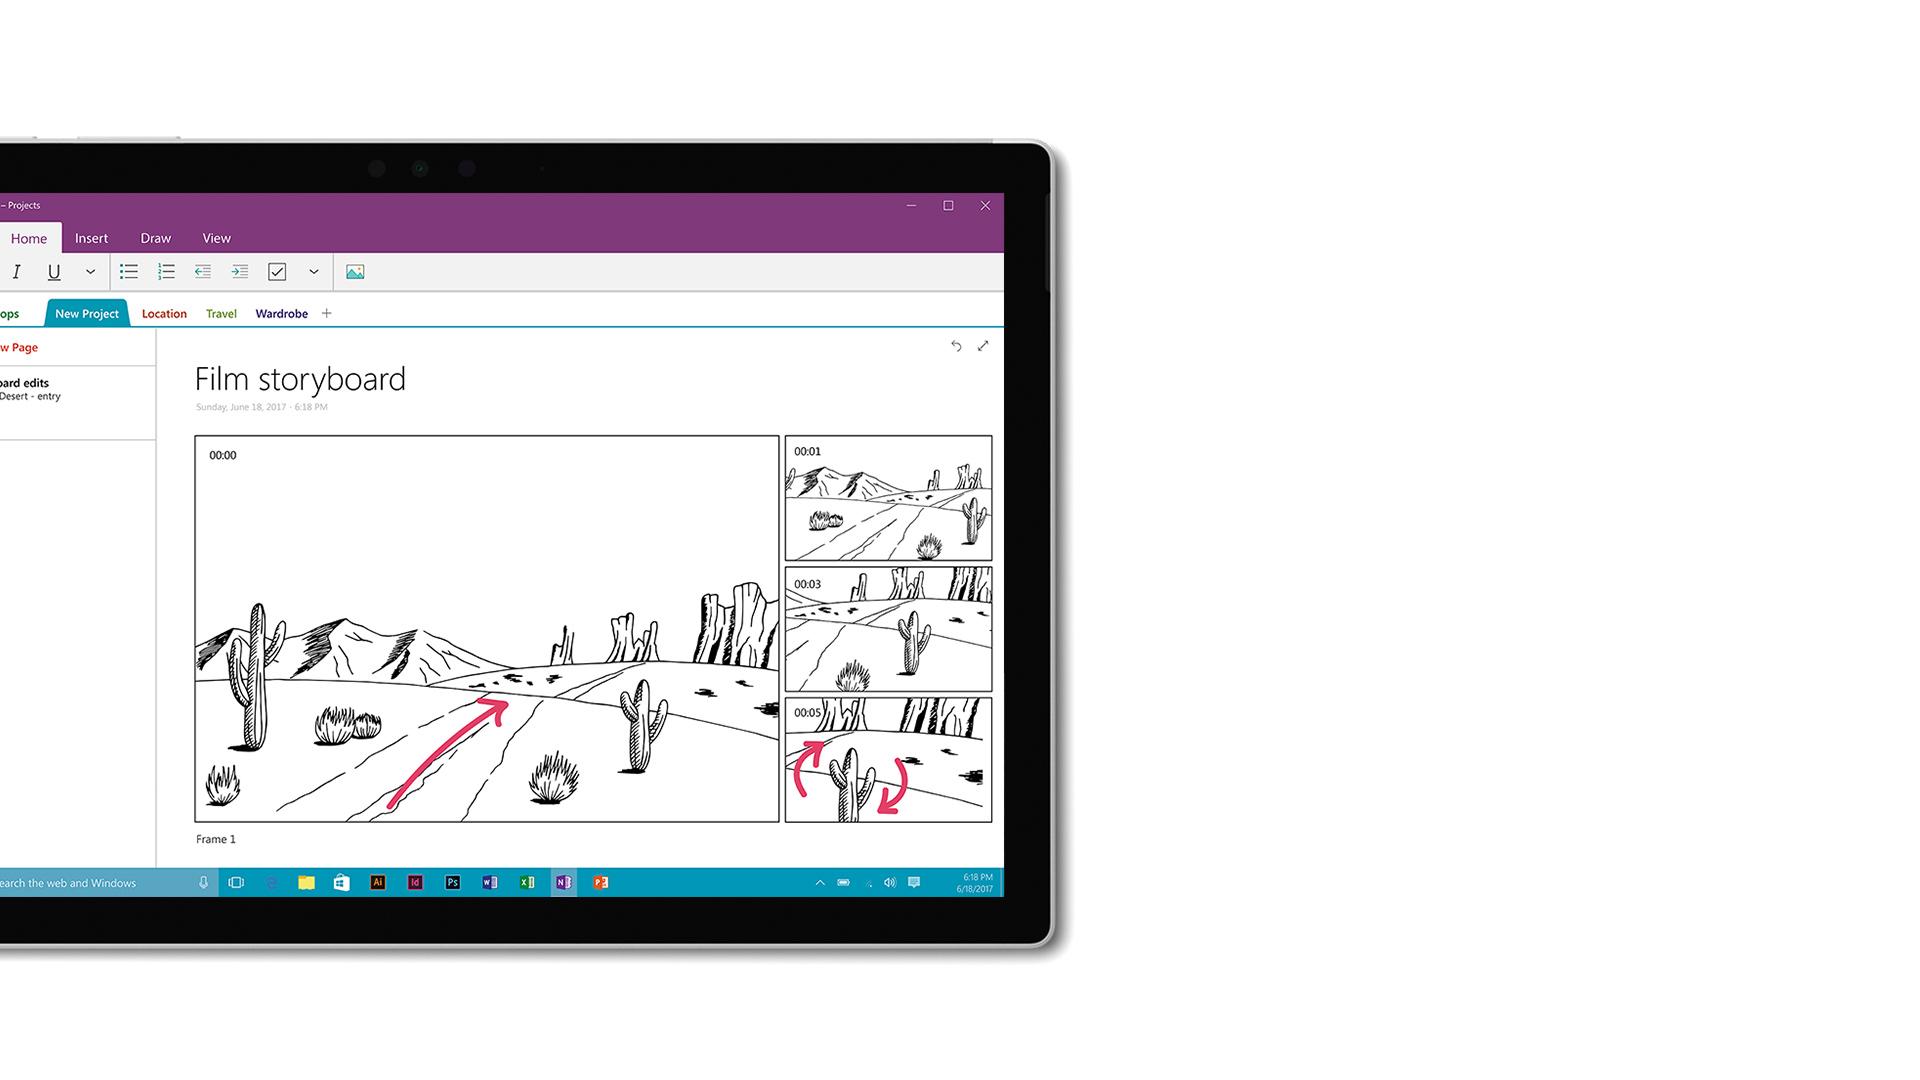 Surface 上の OneNote スクリーンショット。